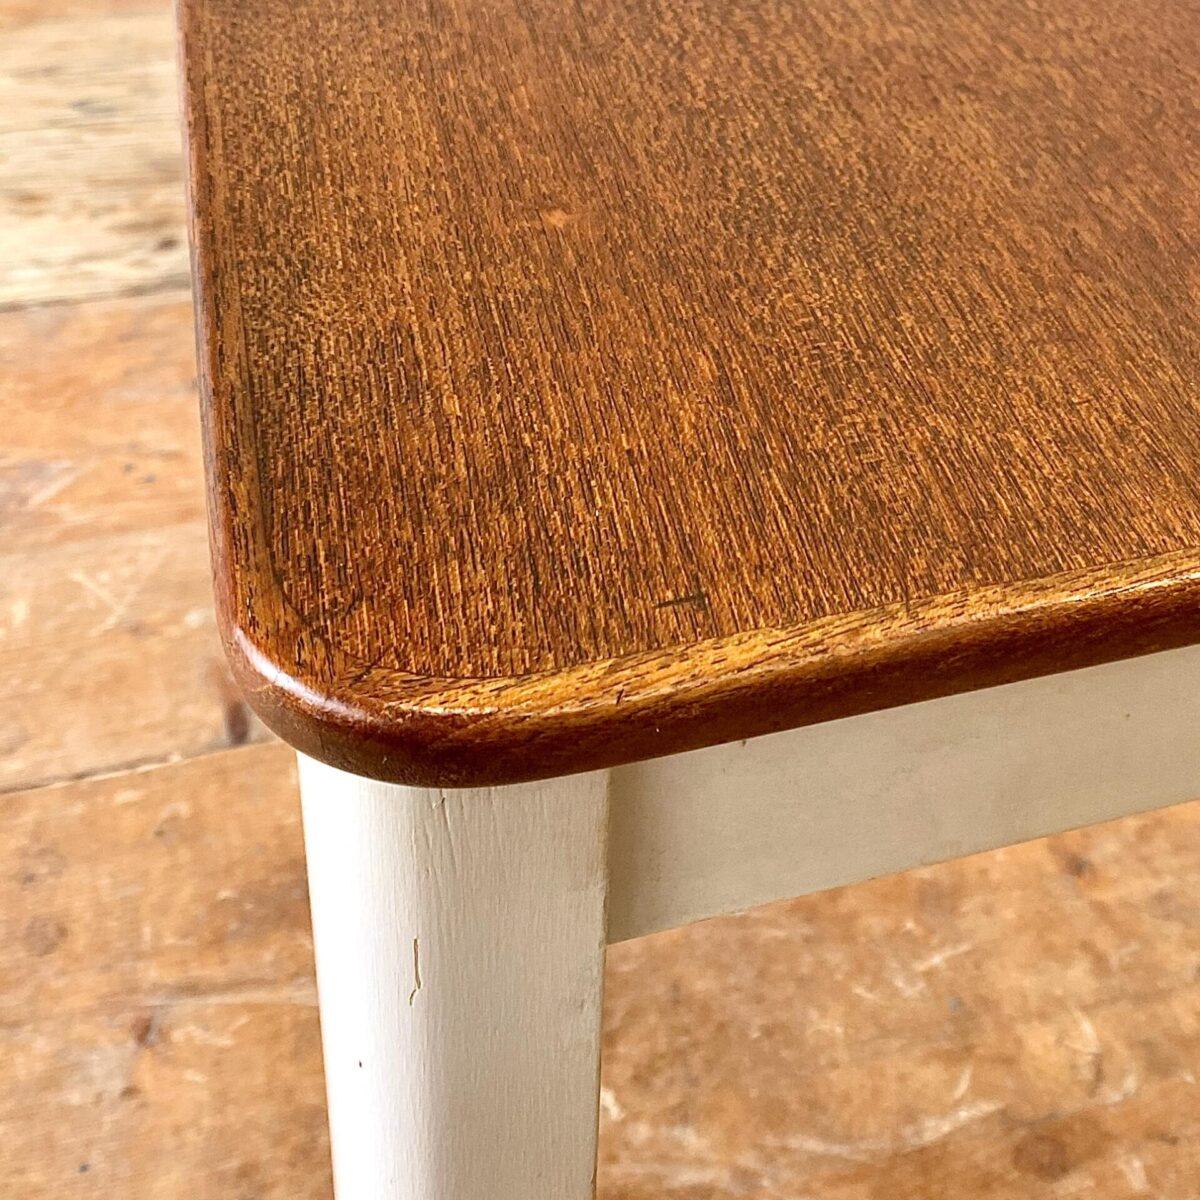 Deuxieme.shop vintage Teak Tisch. Kleiner Teak Schreibtisch mit zwei Schubladen. 102x57.5cm Höhe 76.5cm. Das Tischgestell ist weiss angemalt, Schubladenfronten und Tischblatt Teak furniert.